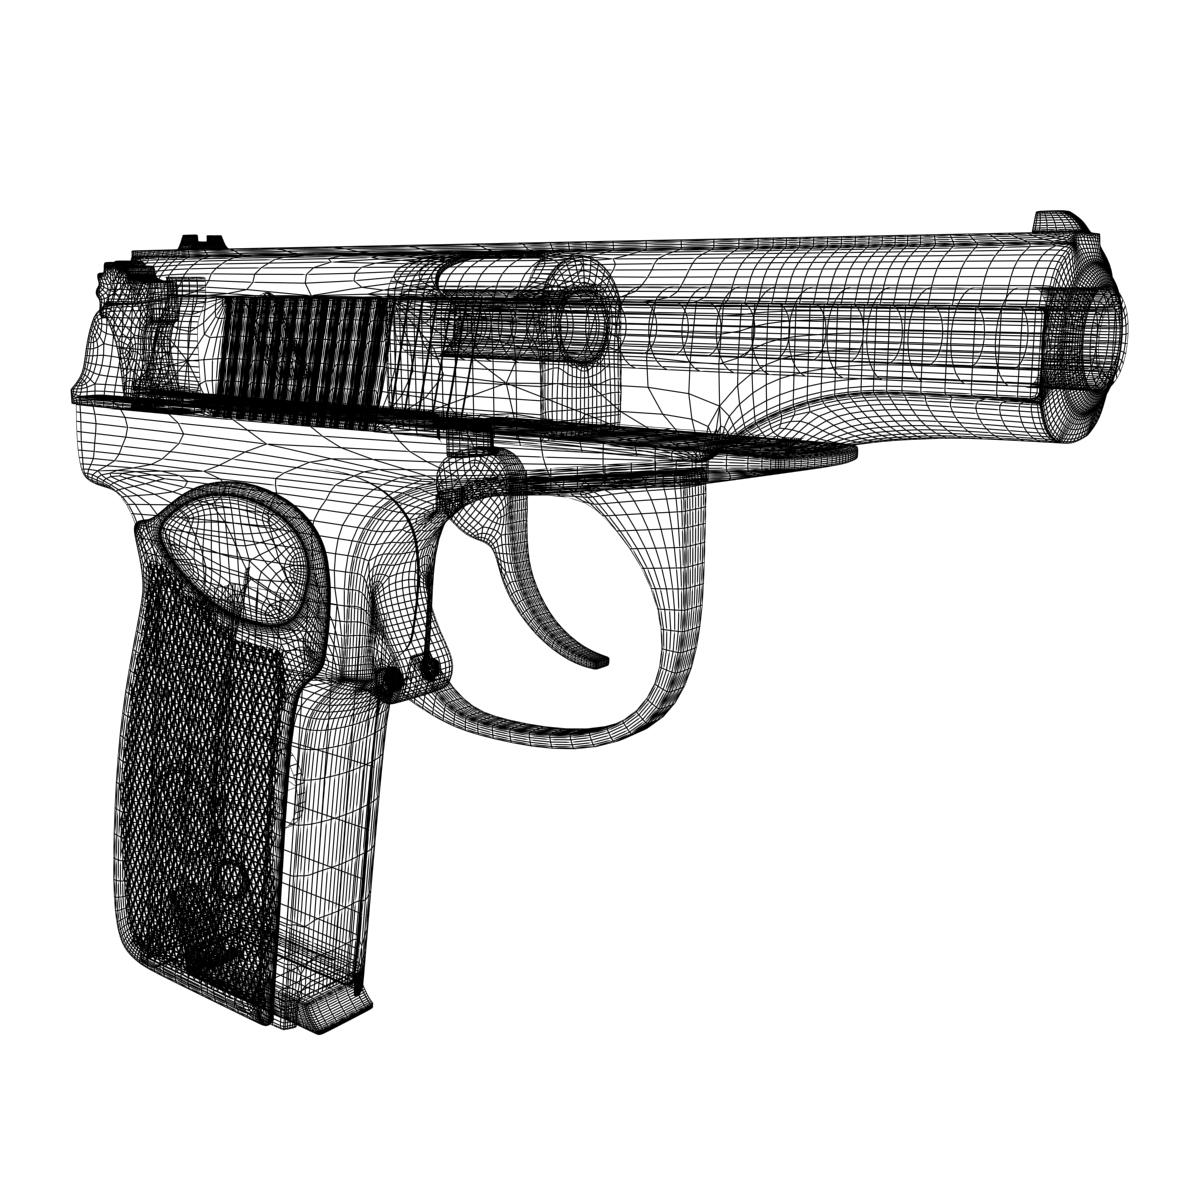 3d Gun Image 3d Home Architect: Gun PM 3D Model MAX OBJ 3DS FBX DAE W3D